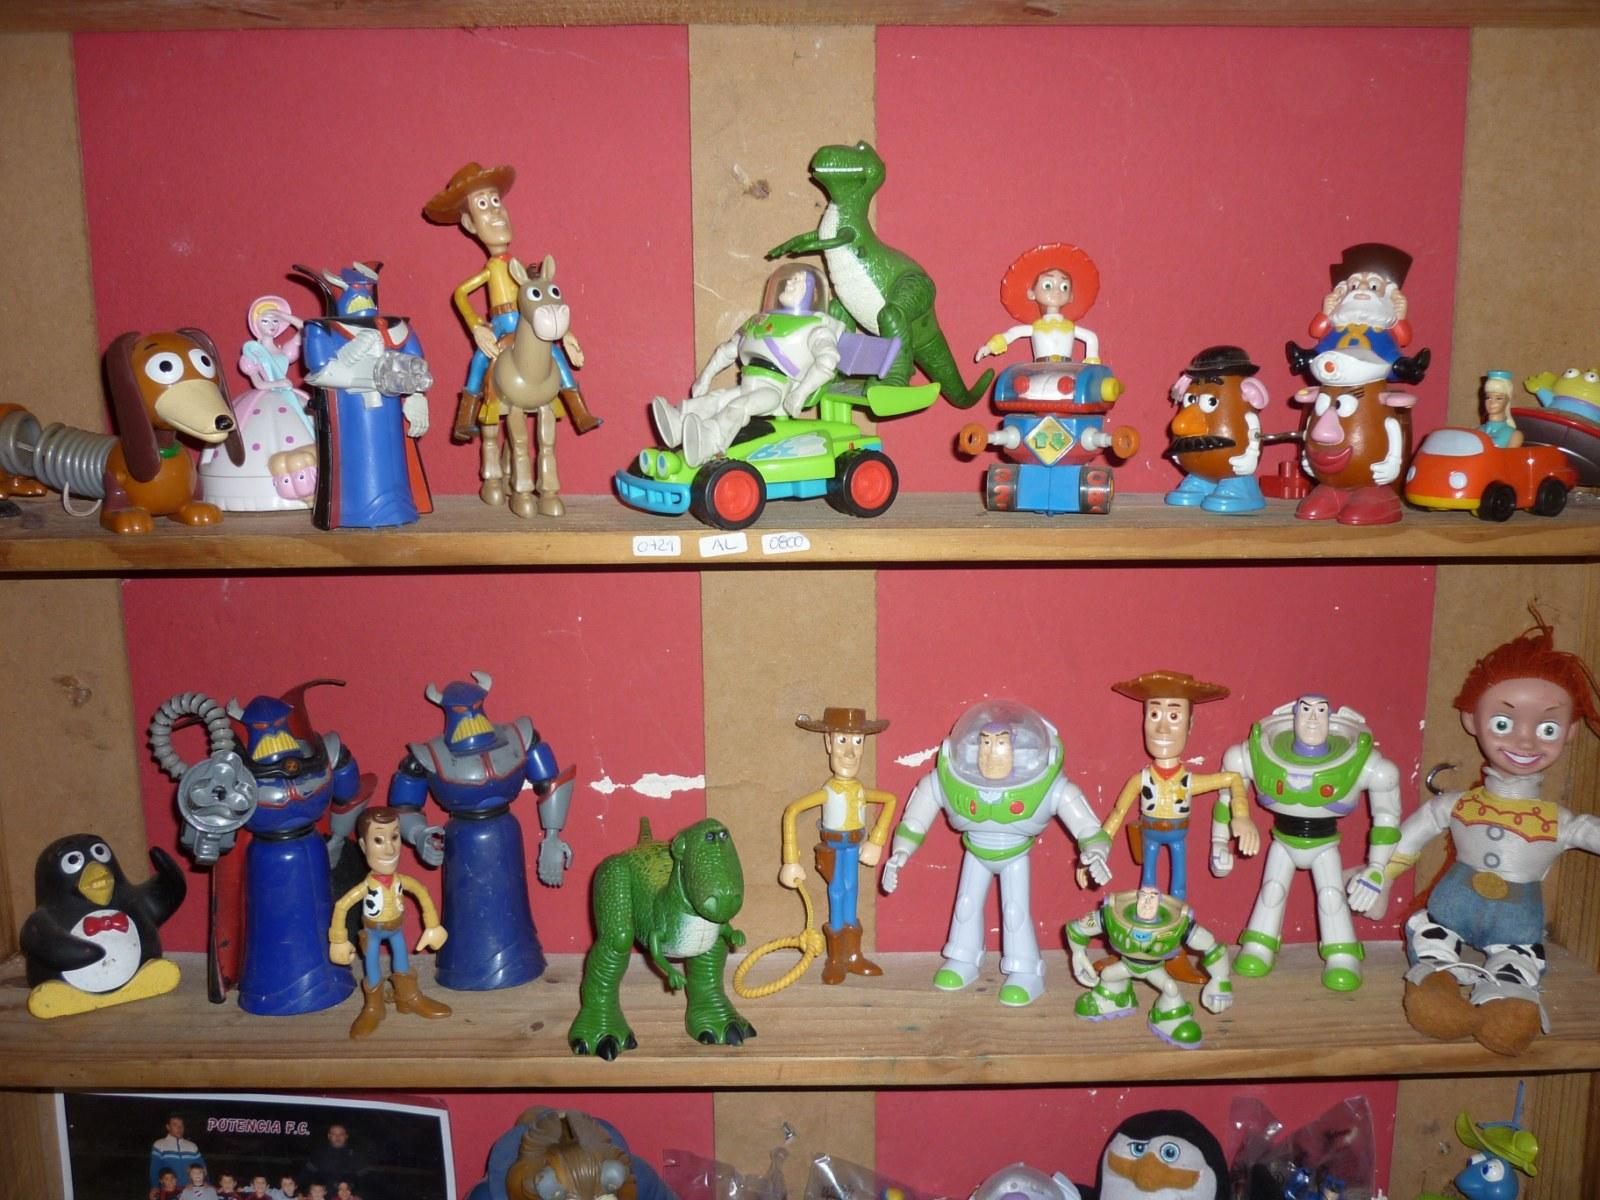 Mi coleccion de juguetes toy story mc donalds  actualizacion de mi ... 30aac93d5d8